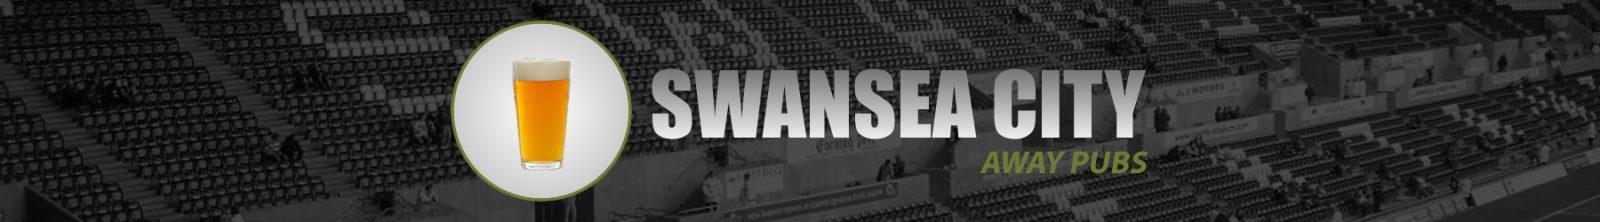 Swansea City Away Pubs